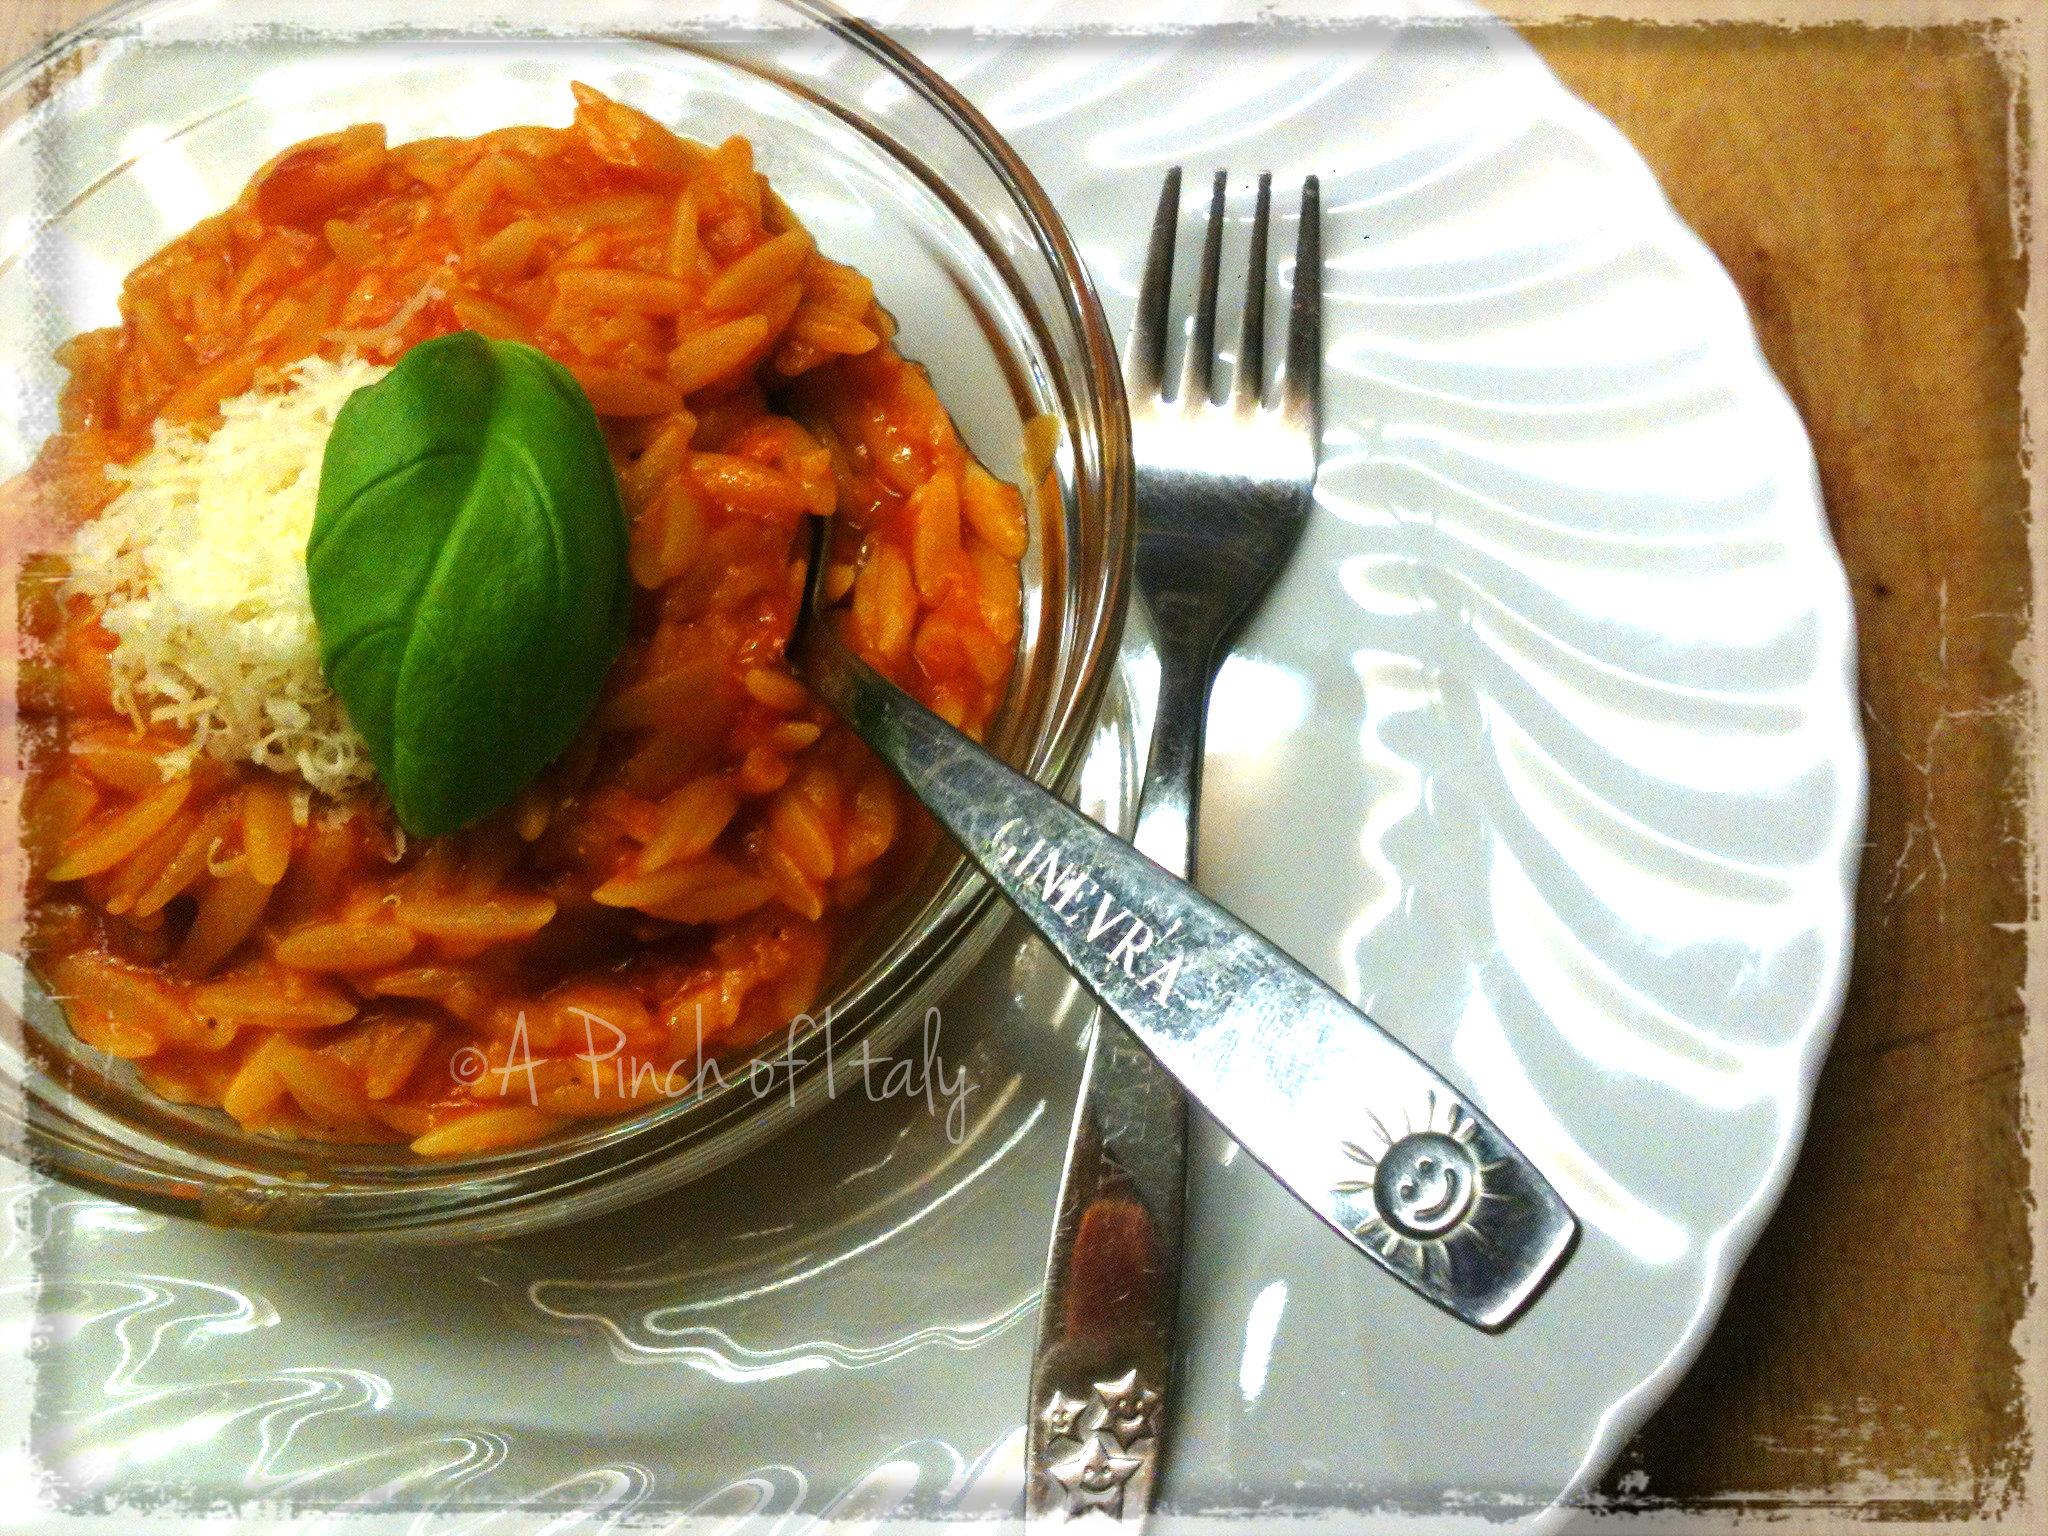 Risoni al Pomodoro Ricetta Svezzamento A Pinch of Italy